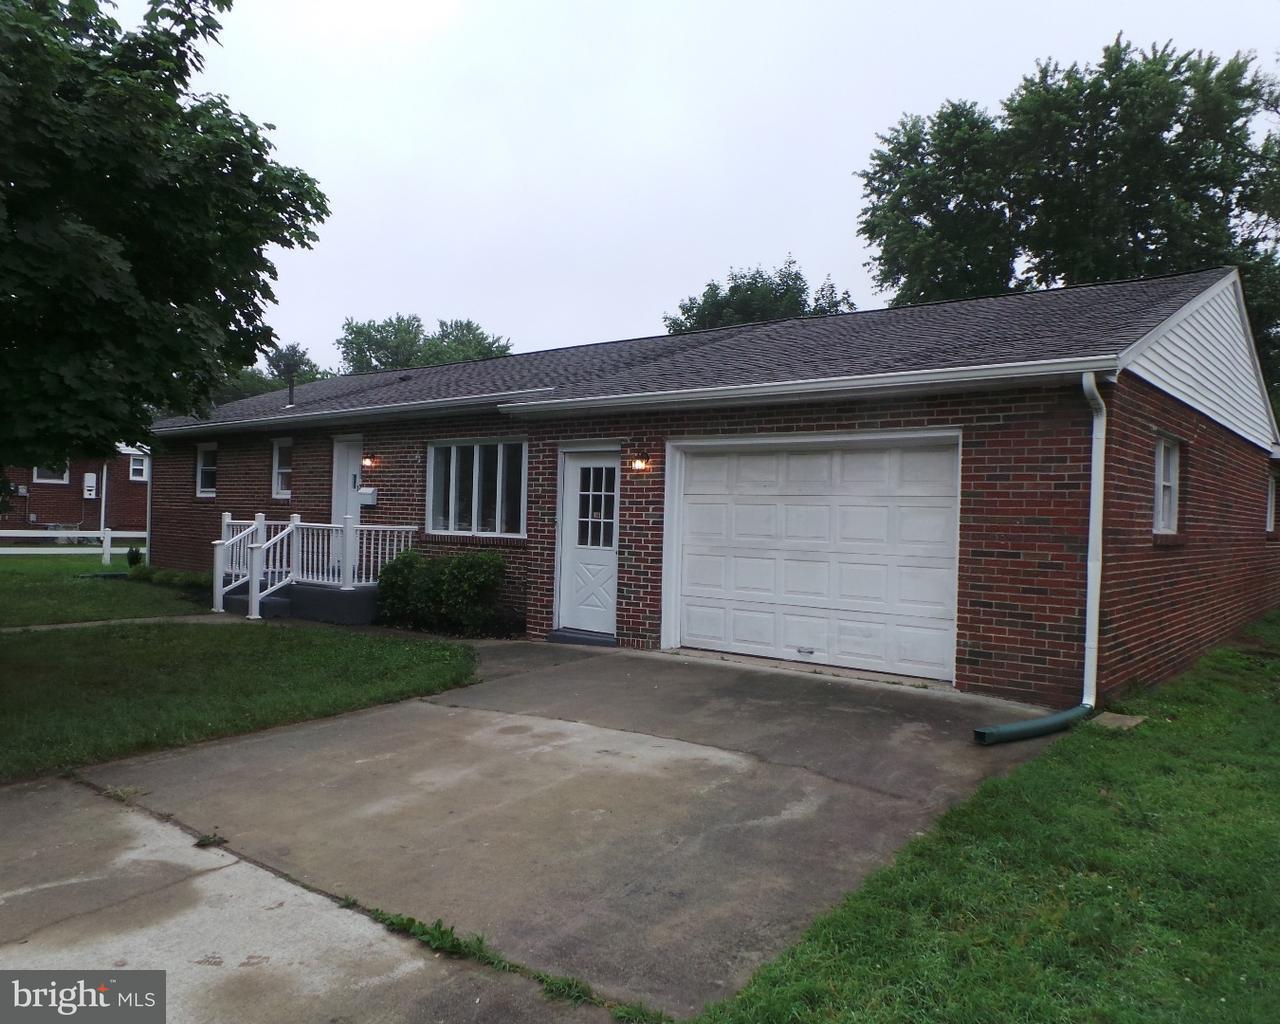 独户住宅 为 销售 在 1220 WALTER Avenue Paulsboro, 新泽西州 08066 美国